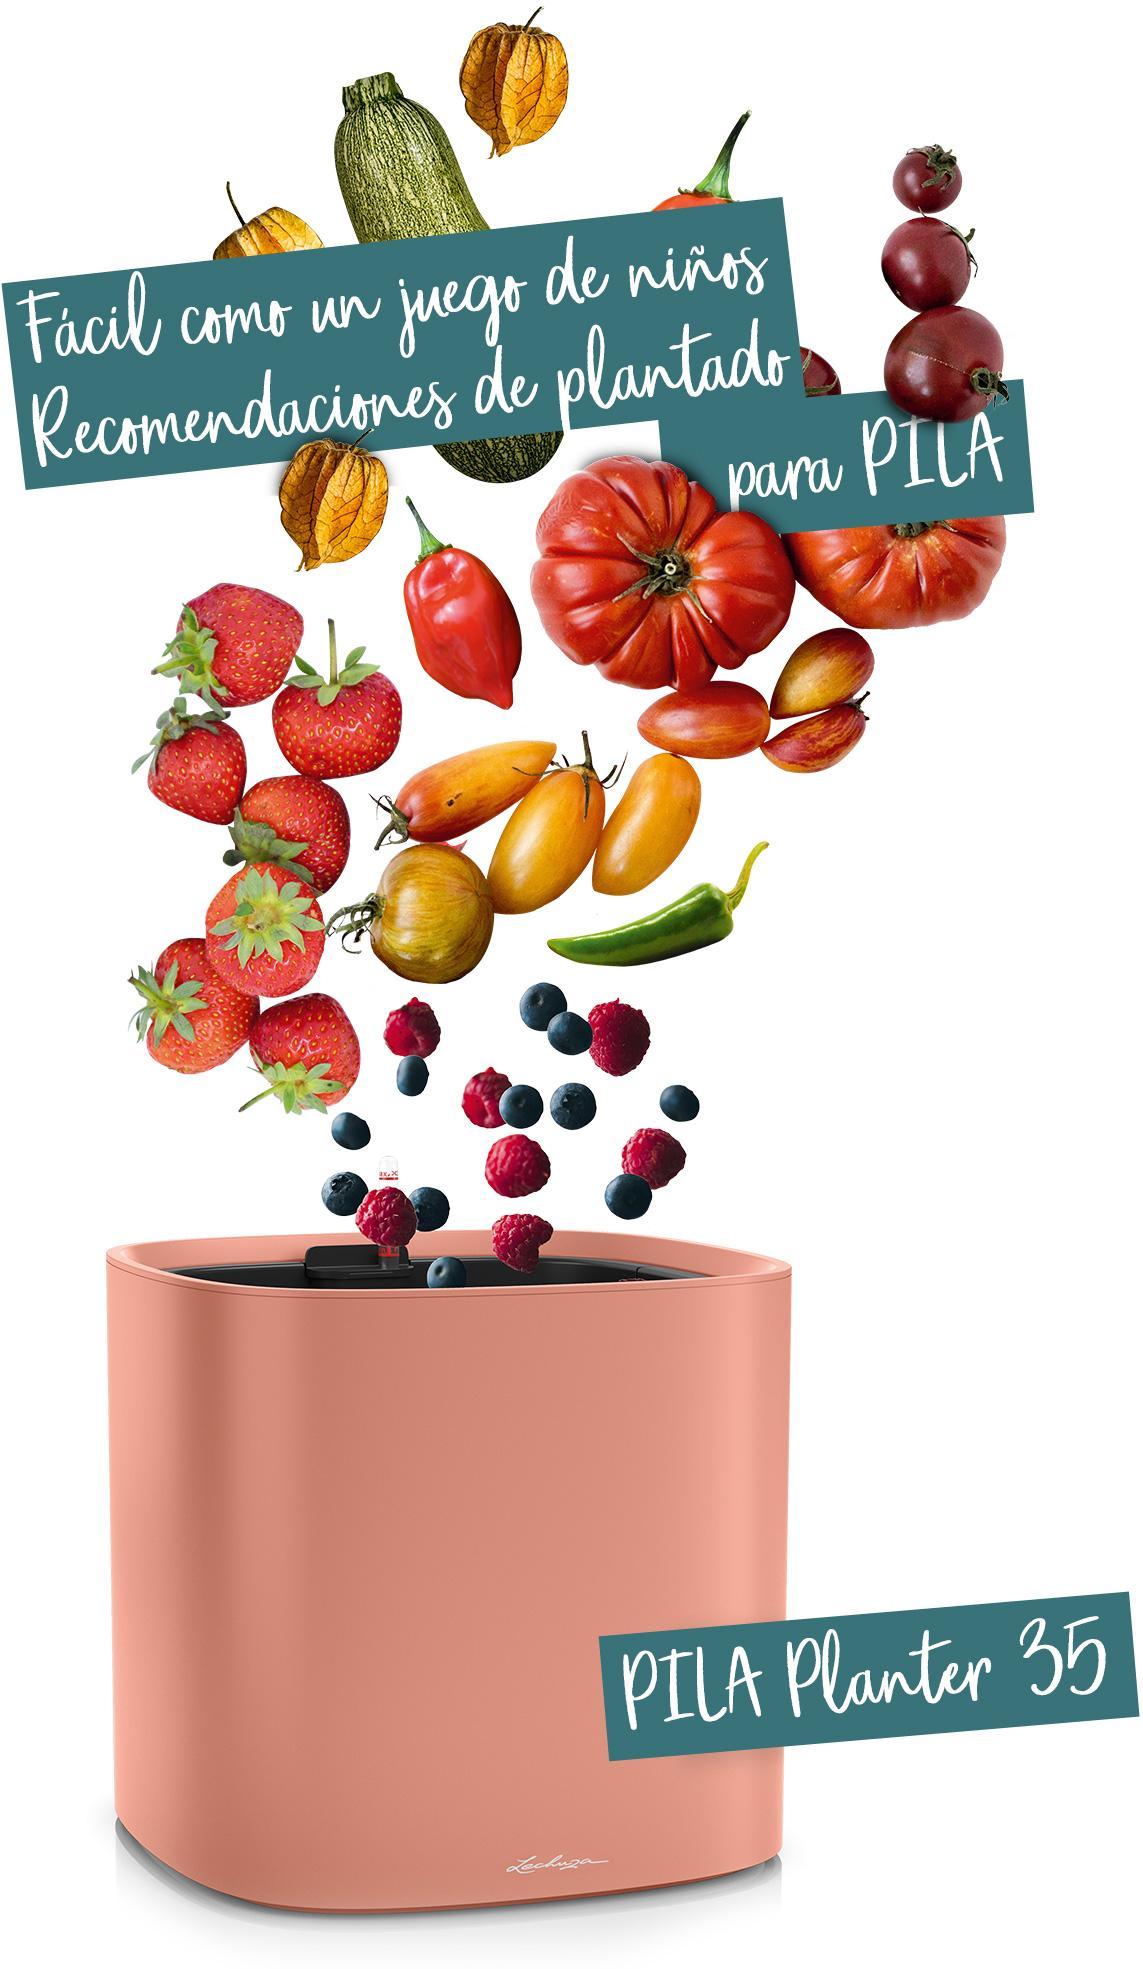 PILA Planter 35 recomendado para frutas y verduras